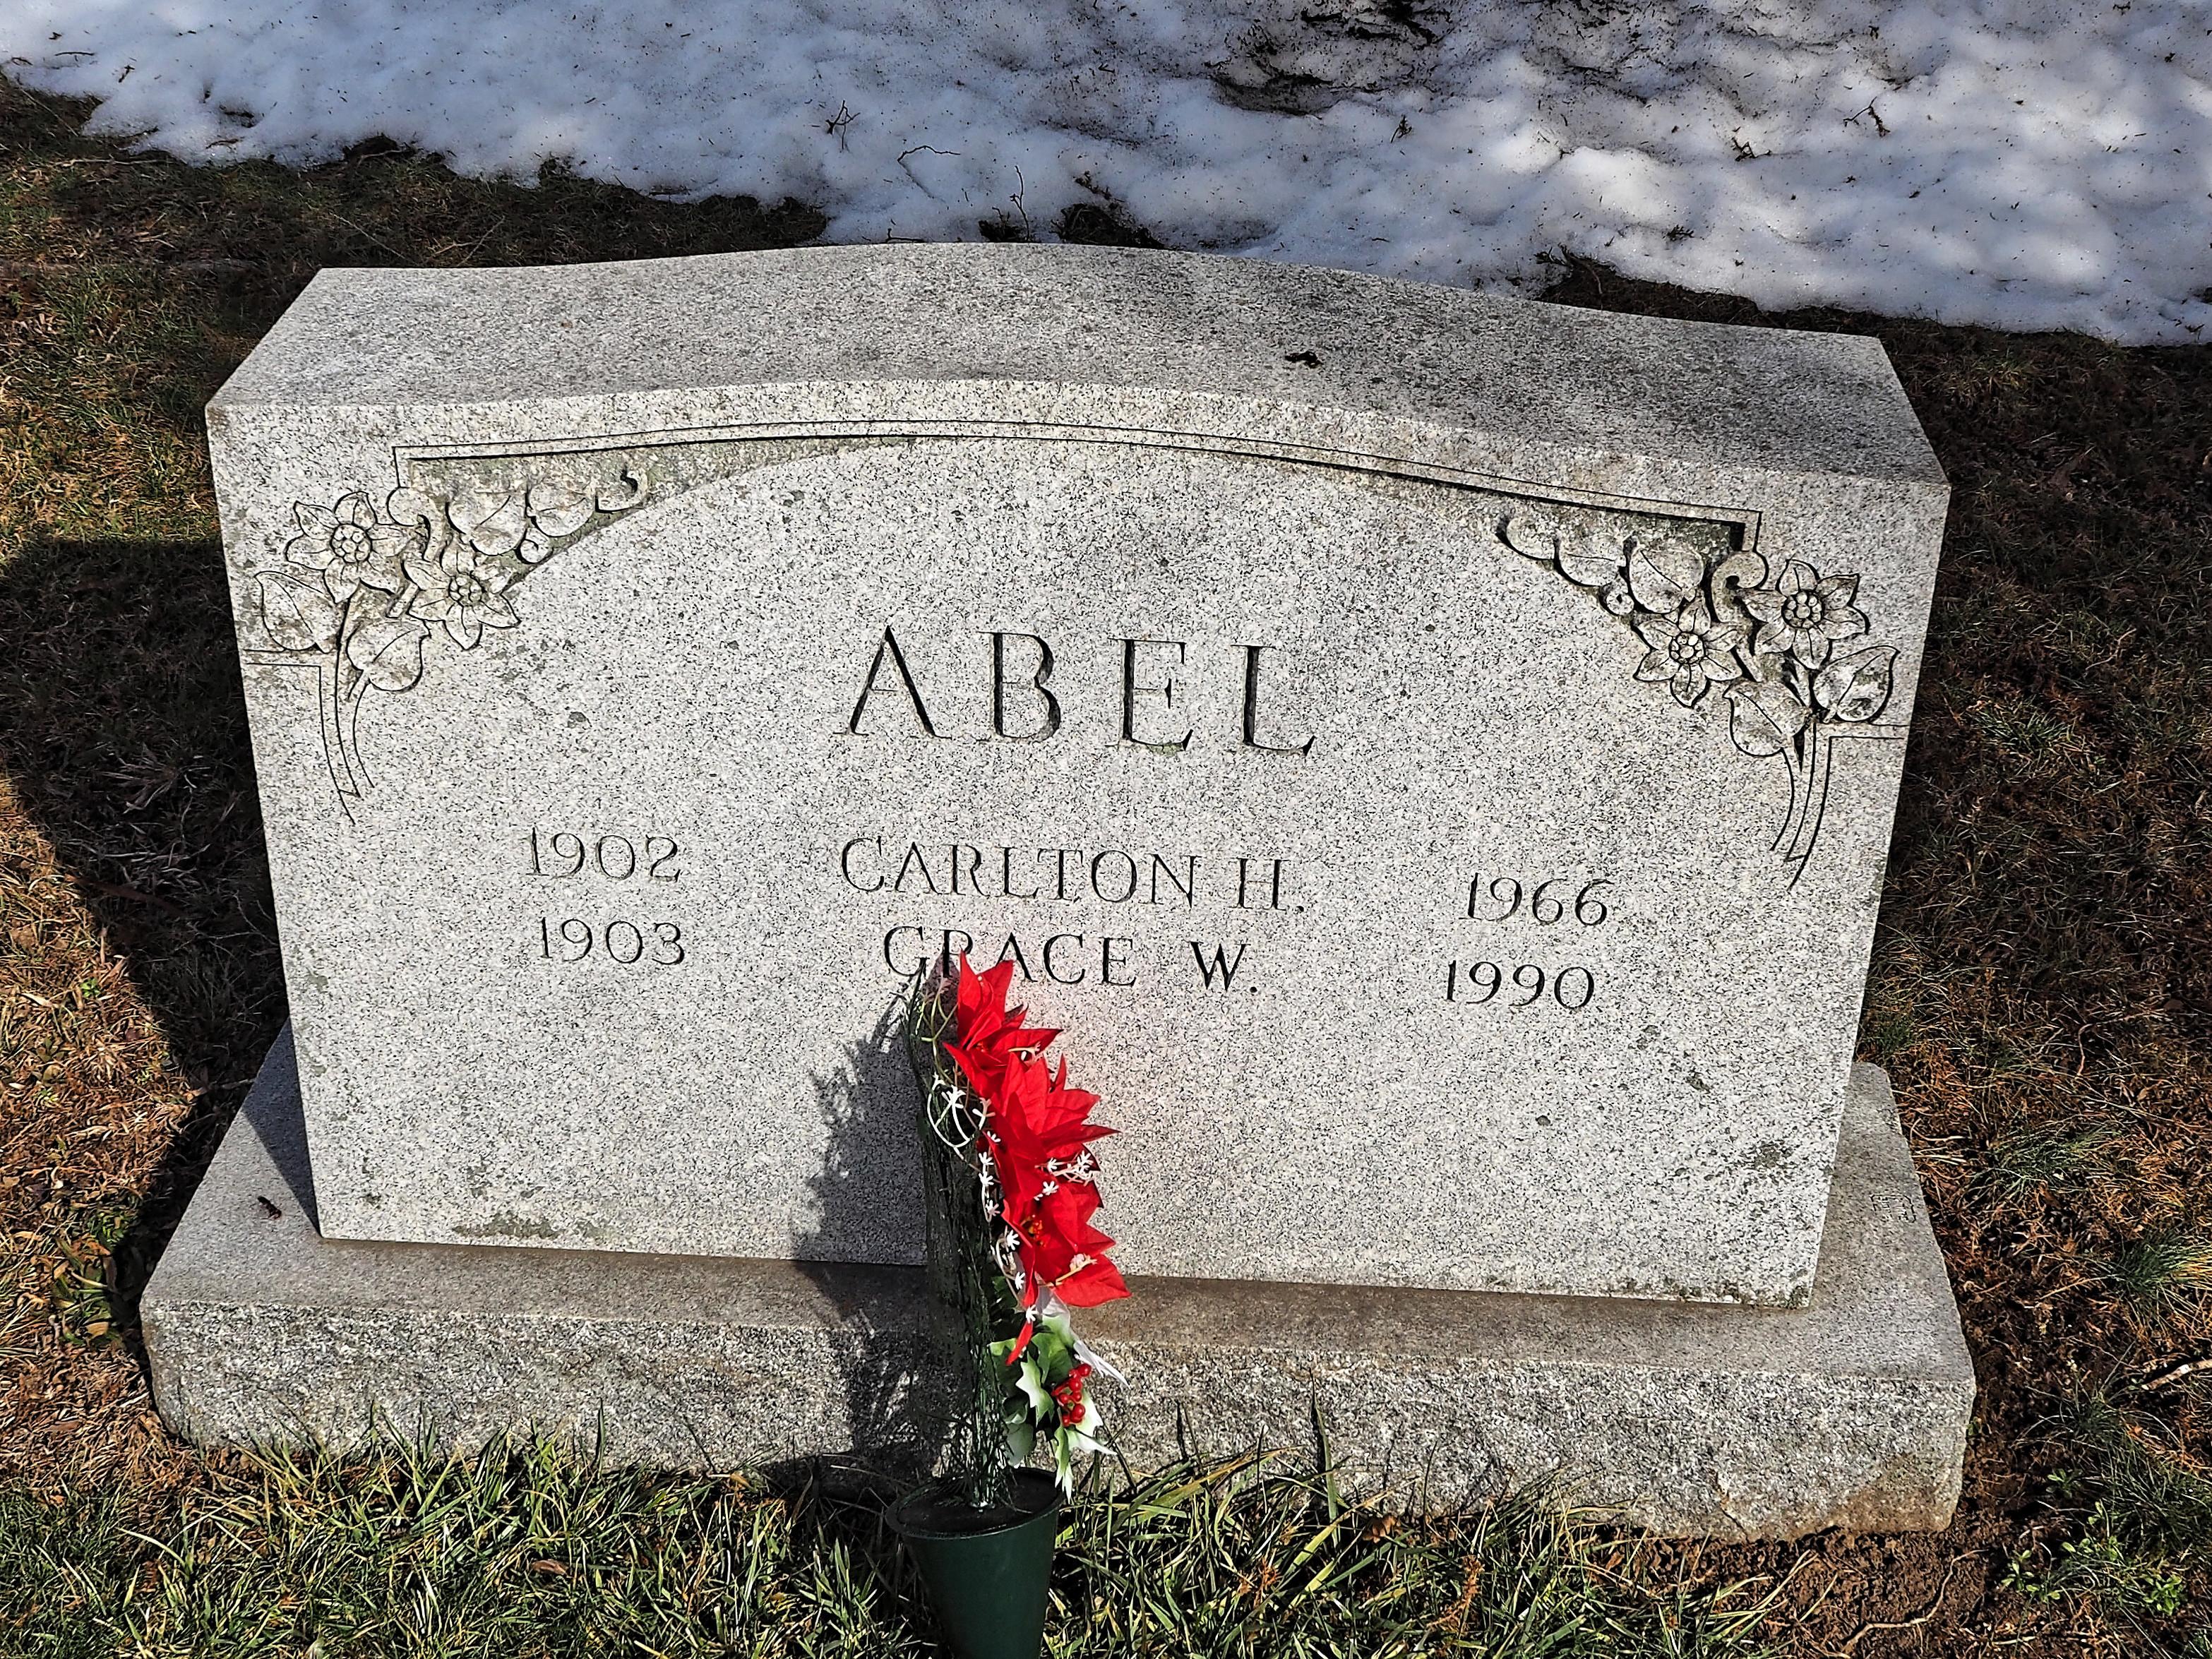 Carlton H Abel